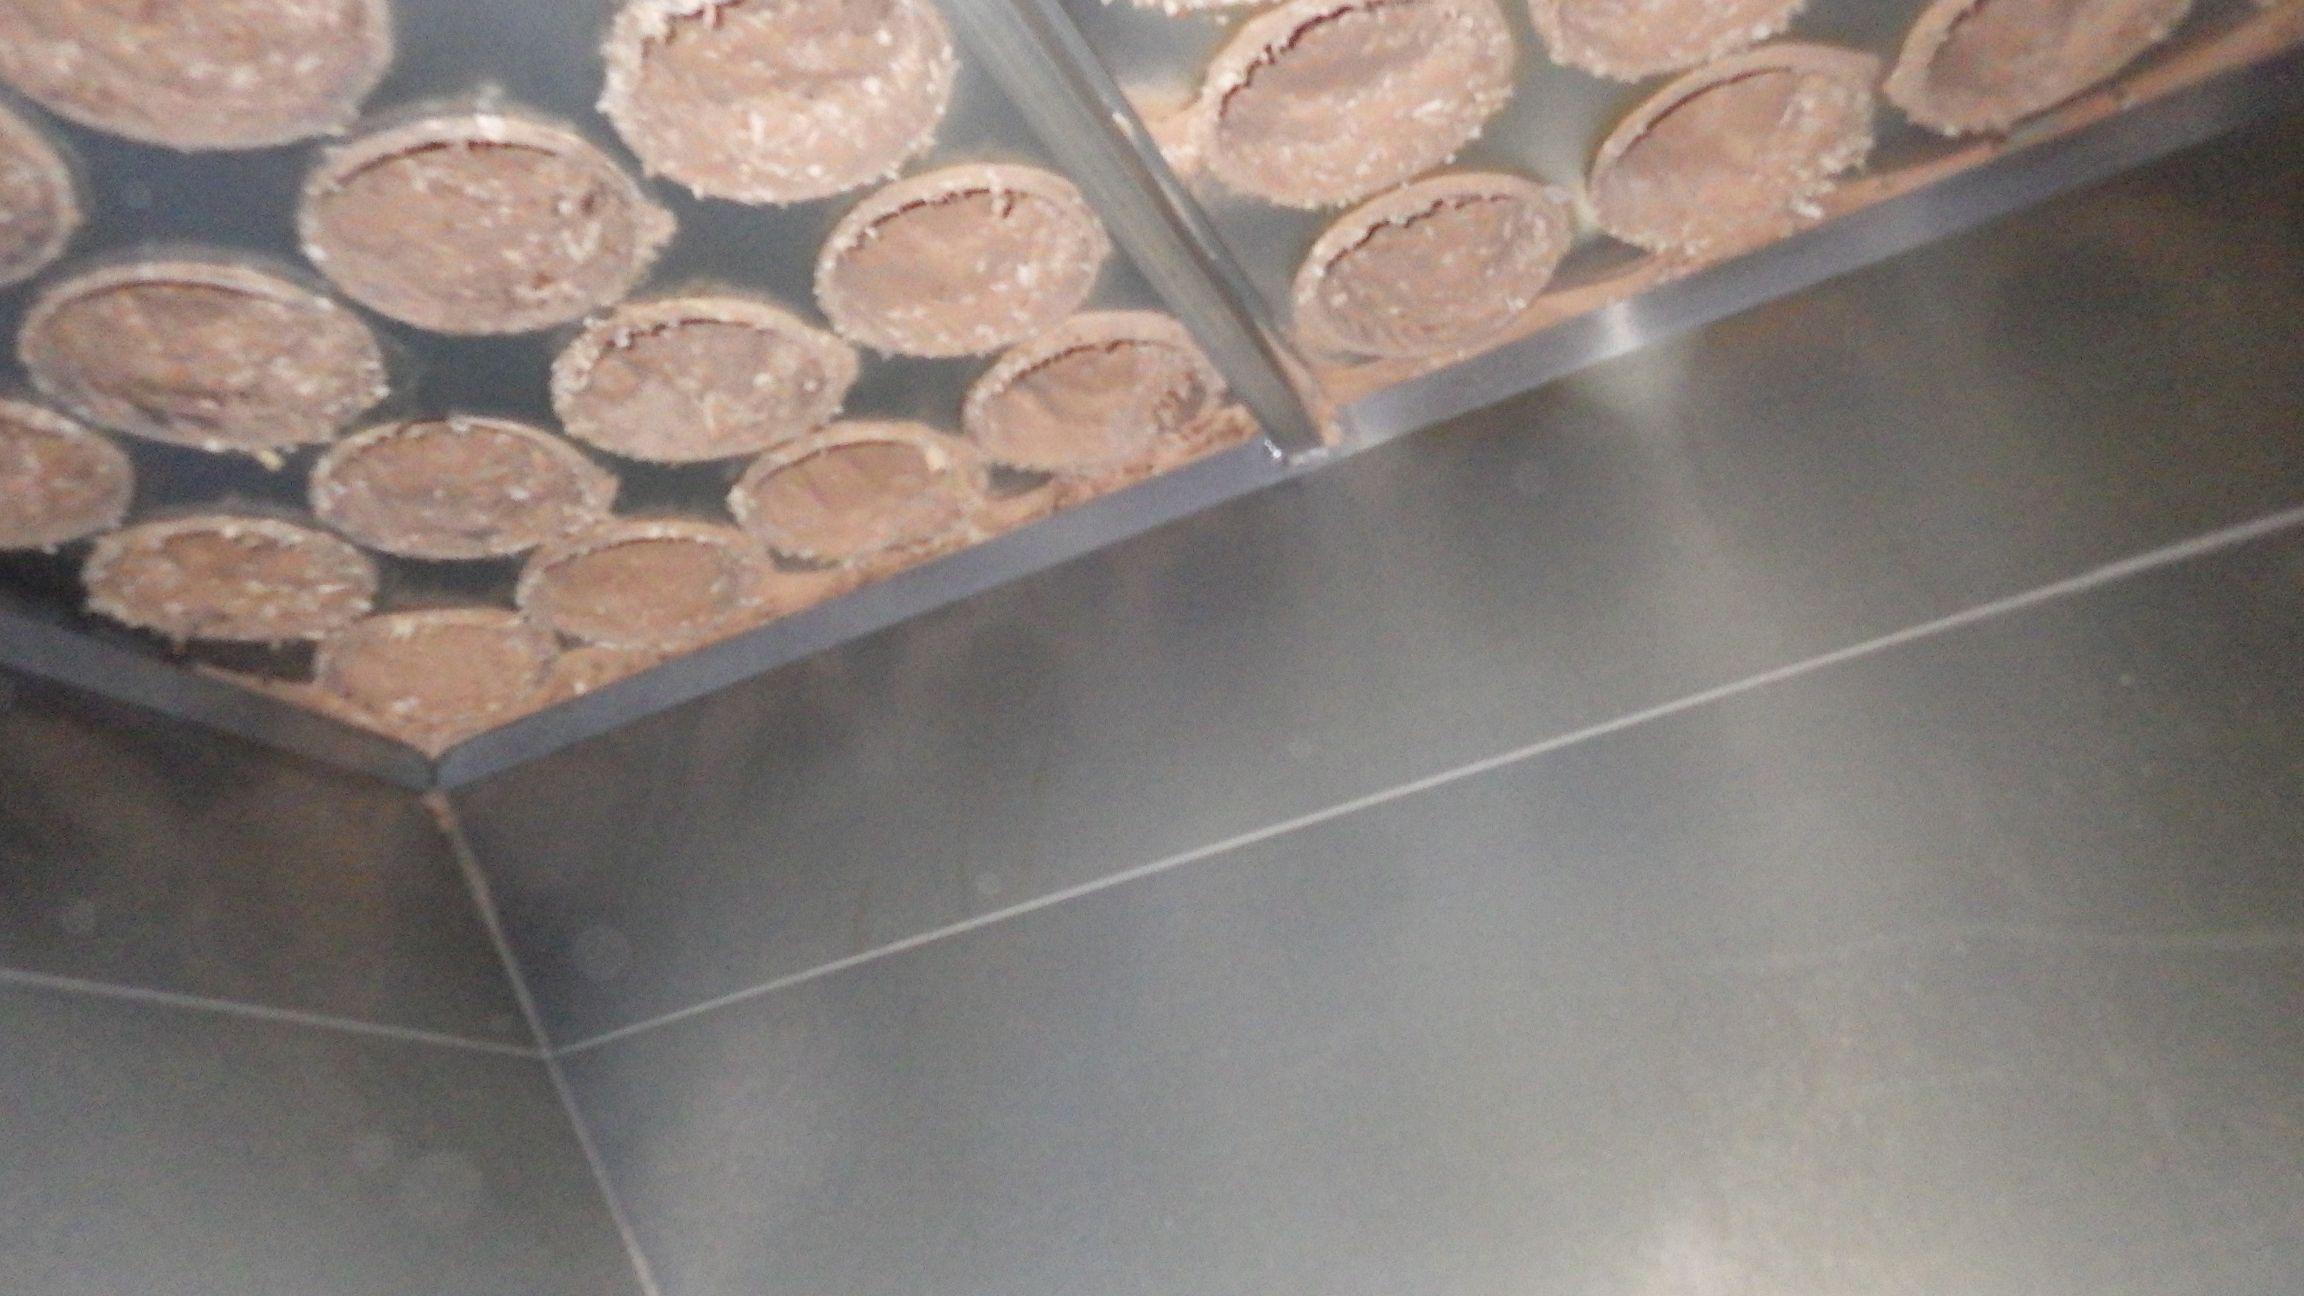 Biodécontamination et dépoussiérage dans un sillo